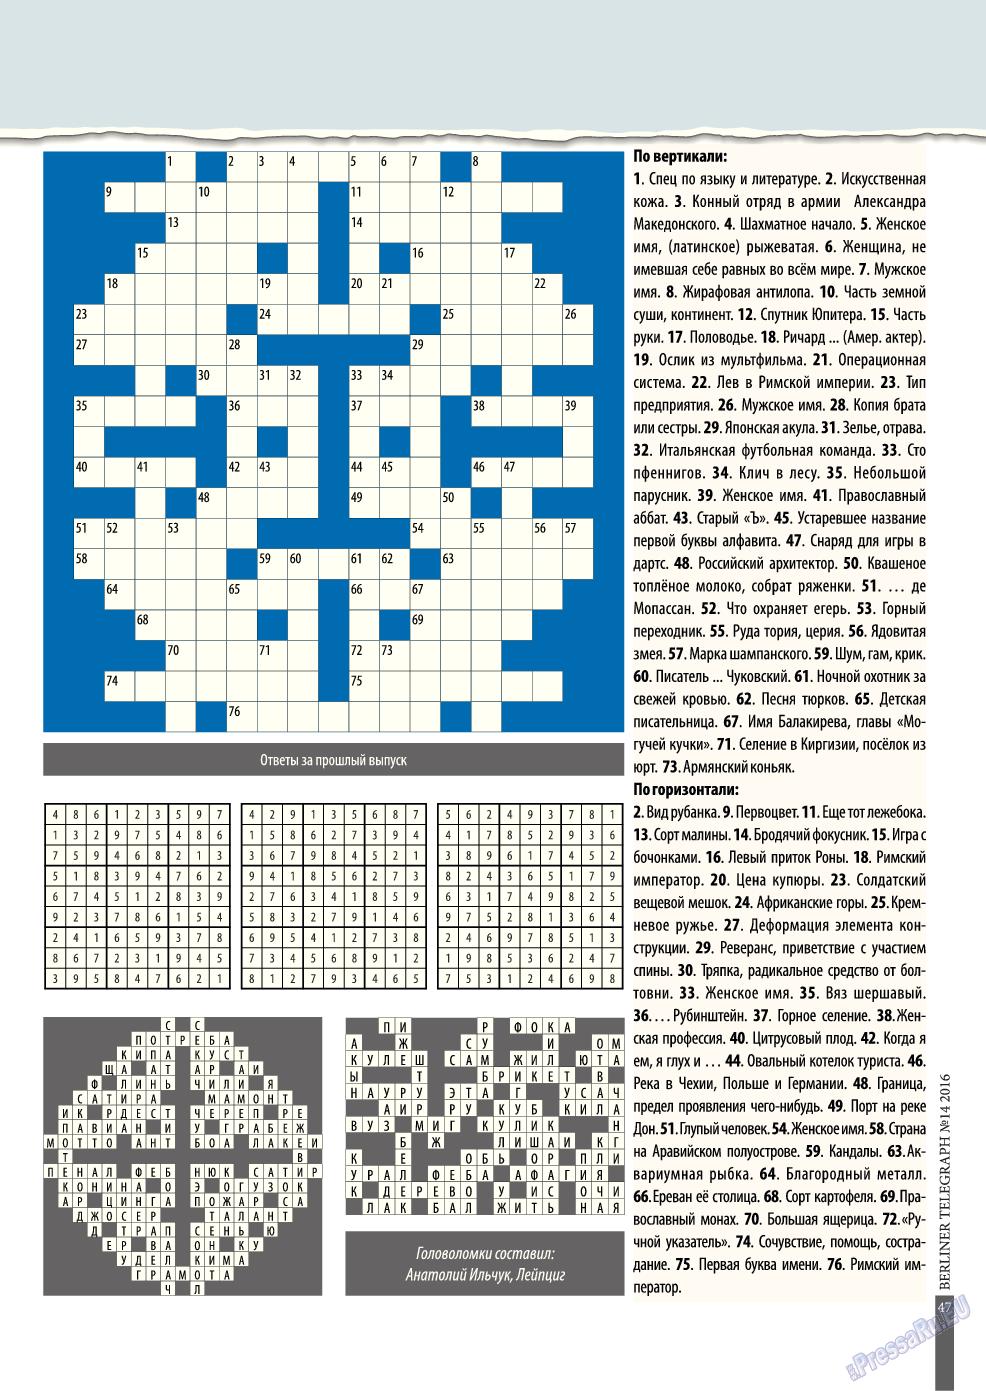 Берлинский телеграф (журнал). 2016 год, номер 14, стр. 47